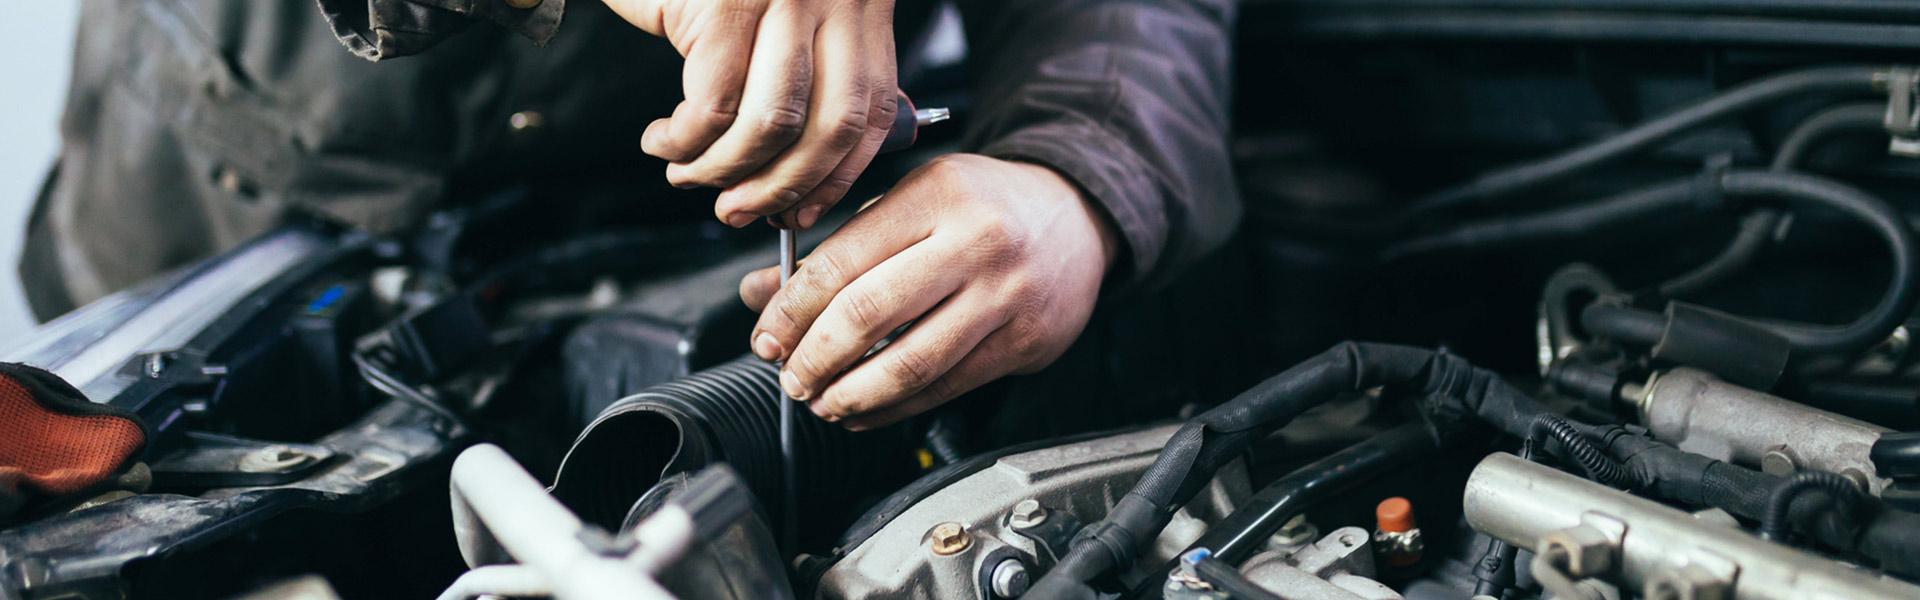 Profesjonalny Serwis Samochodowy AUTOMAX Q-Service